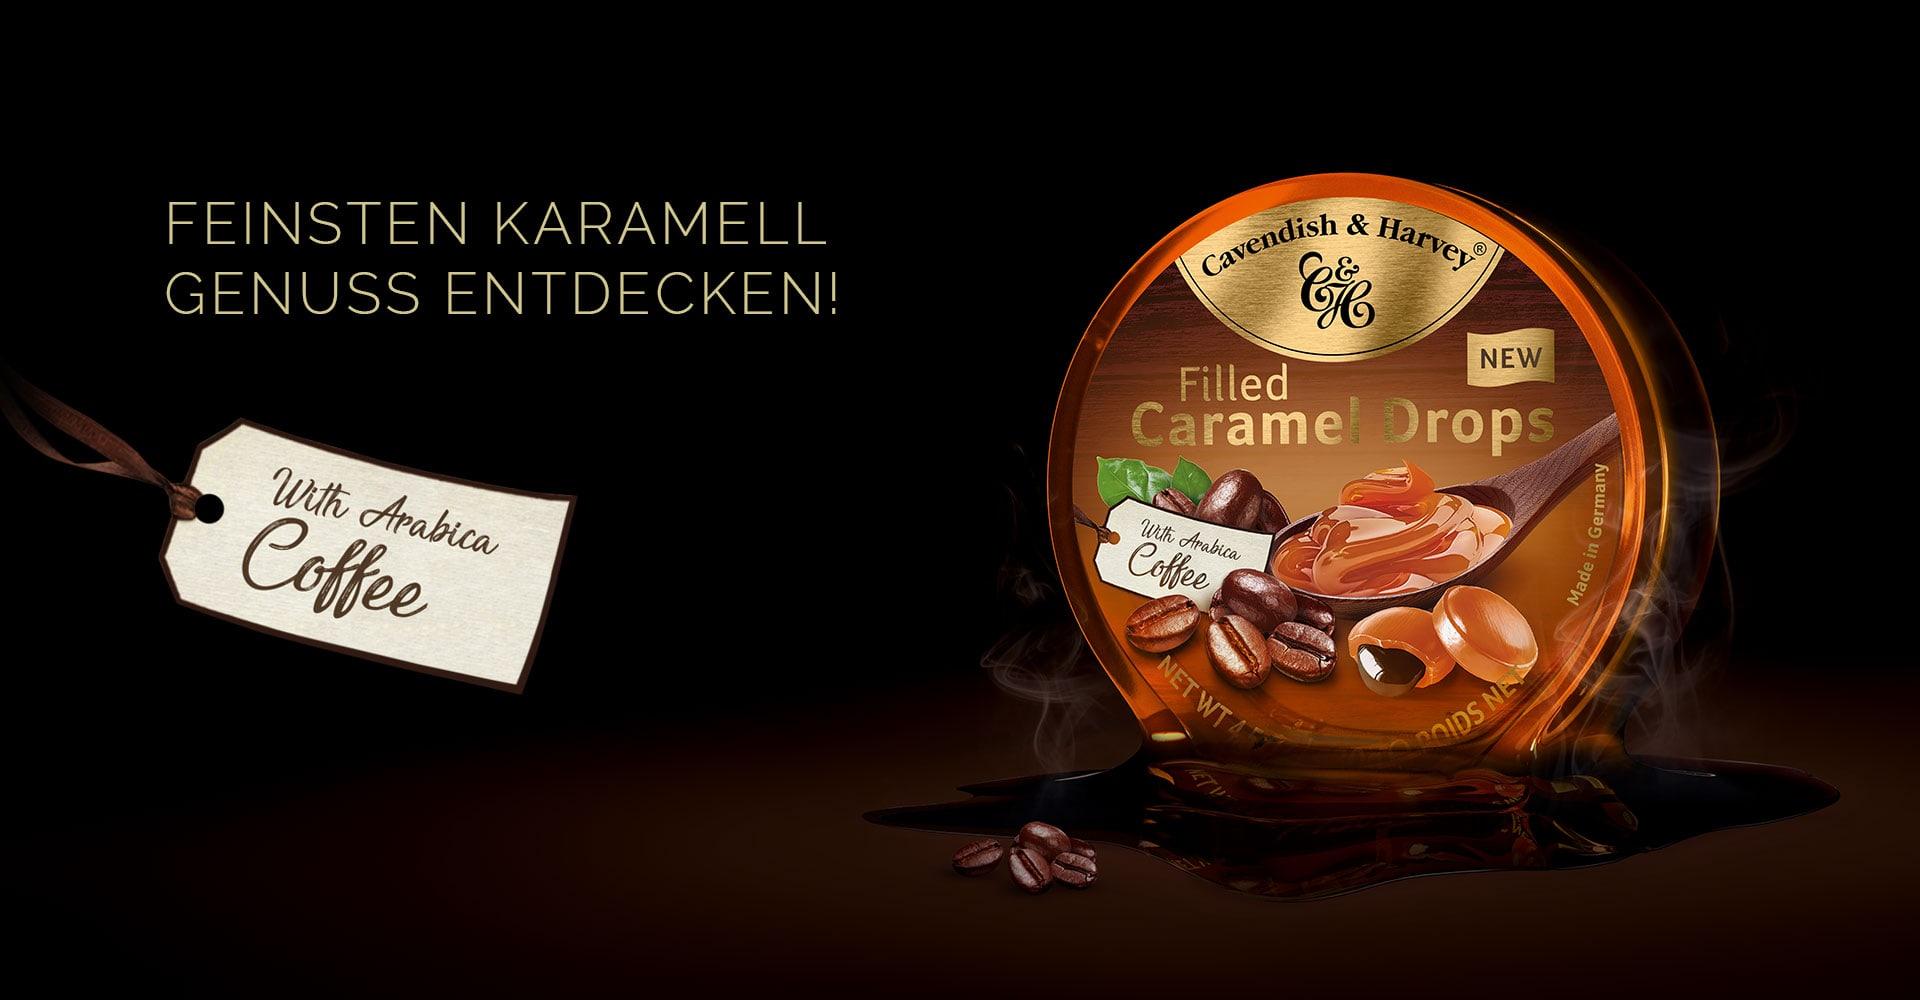 Feinsten Karamellgenuss entdecken – with Arabica Coffee